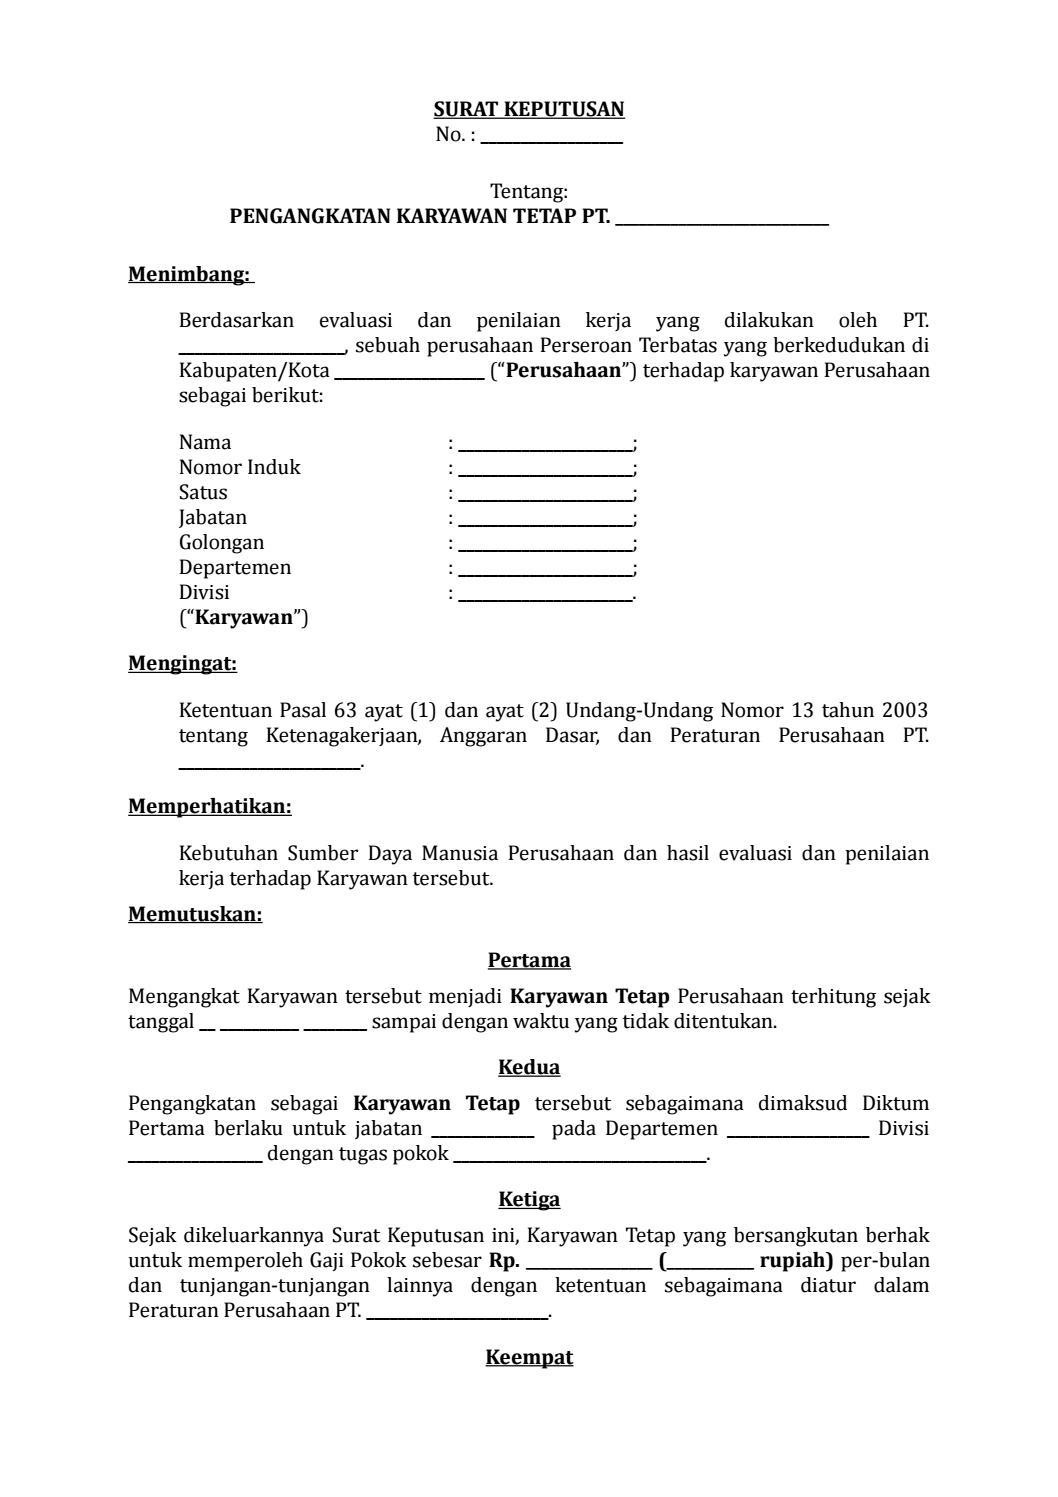 Surat Pengangkatan Direktur : surat, pengangkatan, direktur, Contoh, Surat, Keputusan, Direksi, Tentang, Pengangkatan, Karyawan, Tetap, Kumpulan